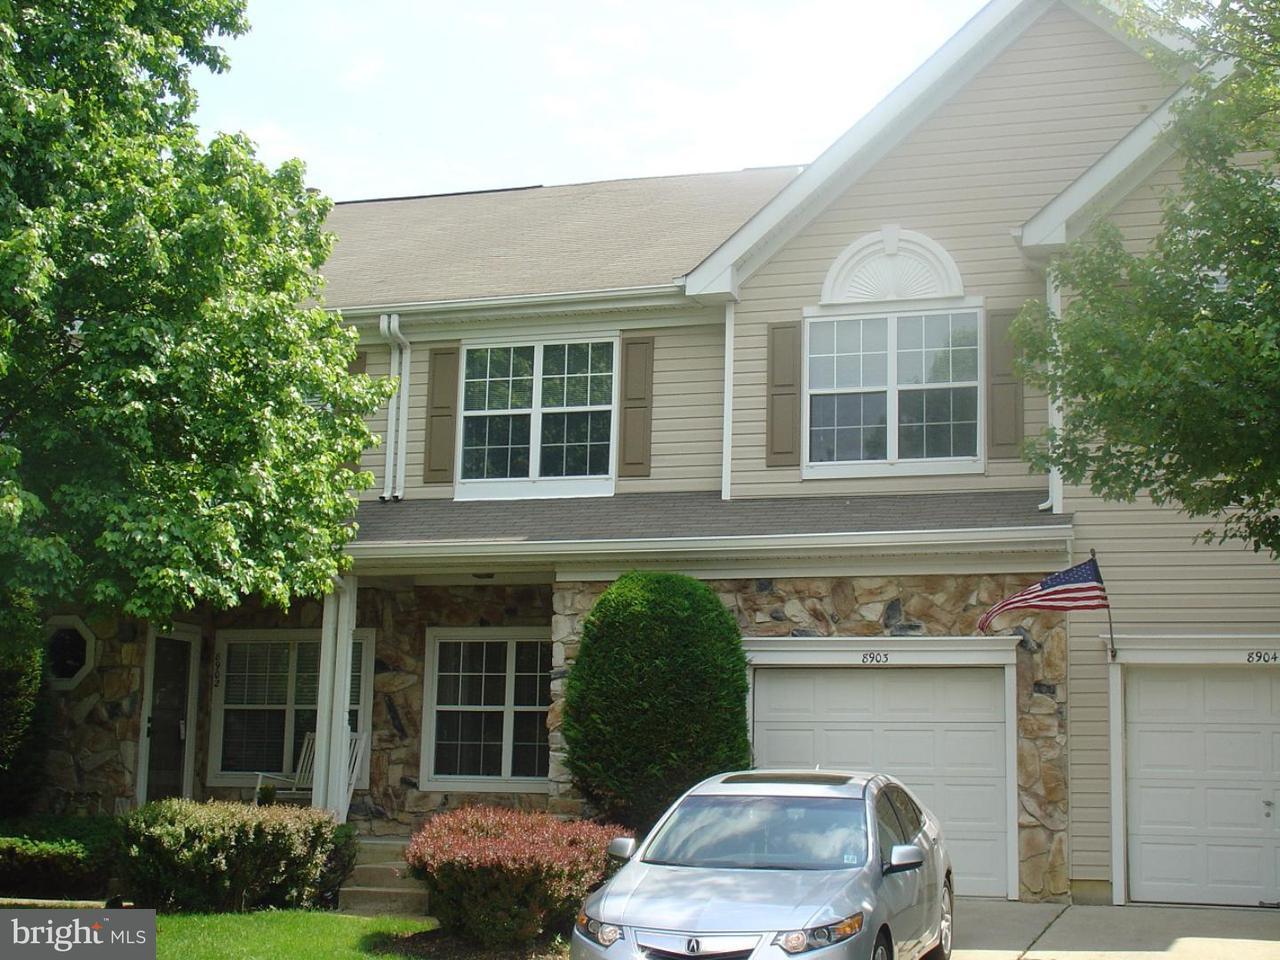 8903  Normandy Mount Laurel, NJ 08054